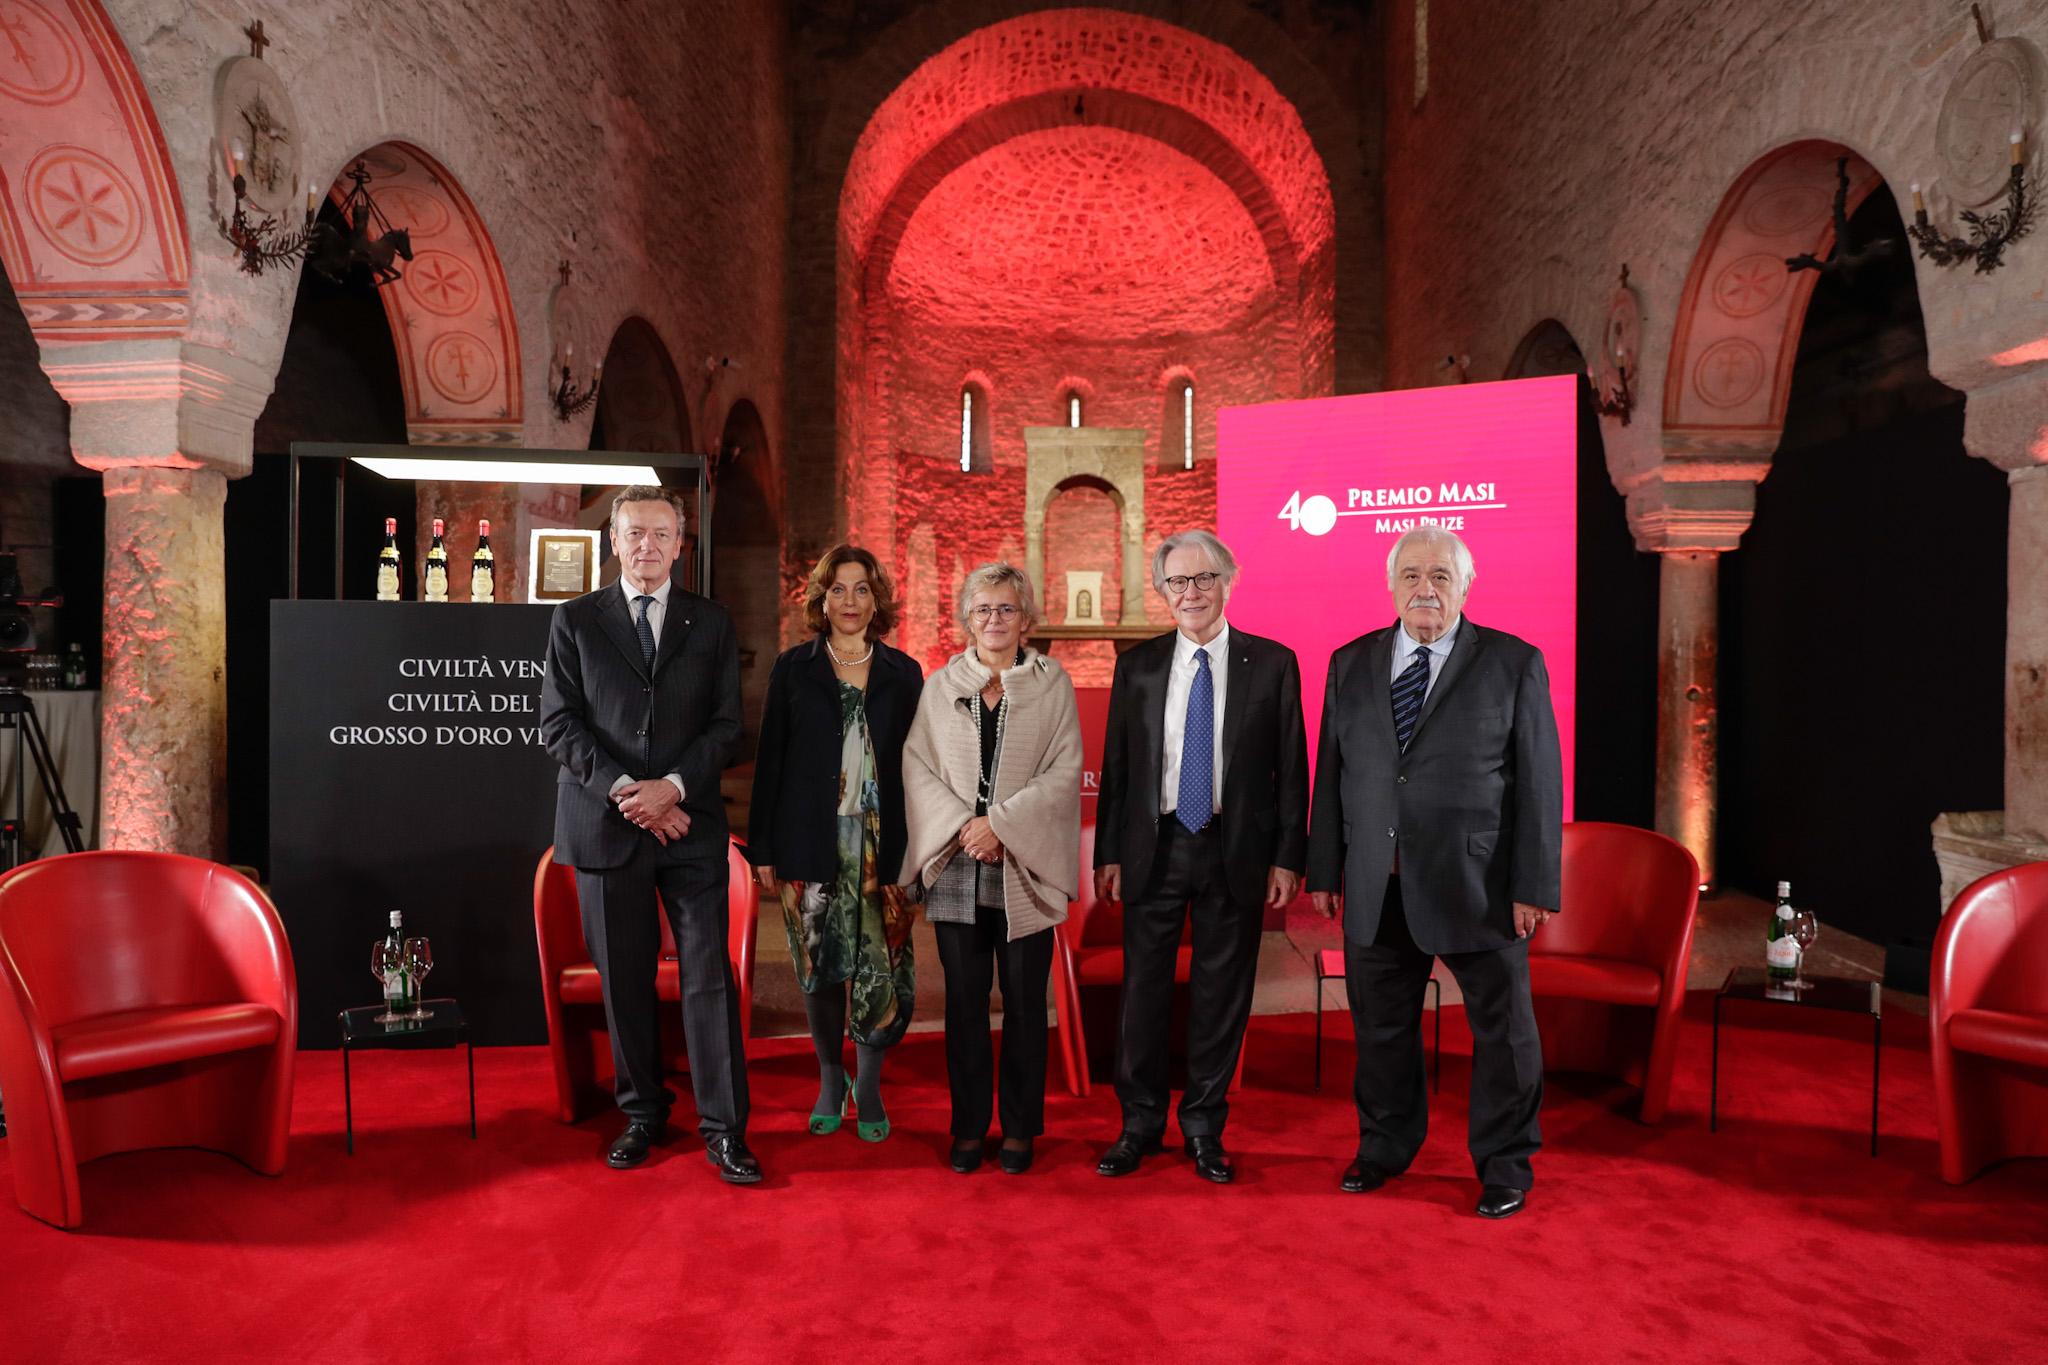 Pieve San Giorgio: Verleihung des 40. Masi-Preises